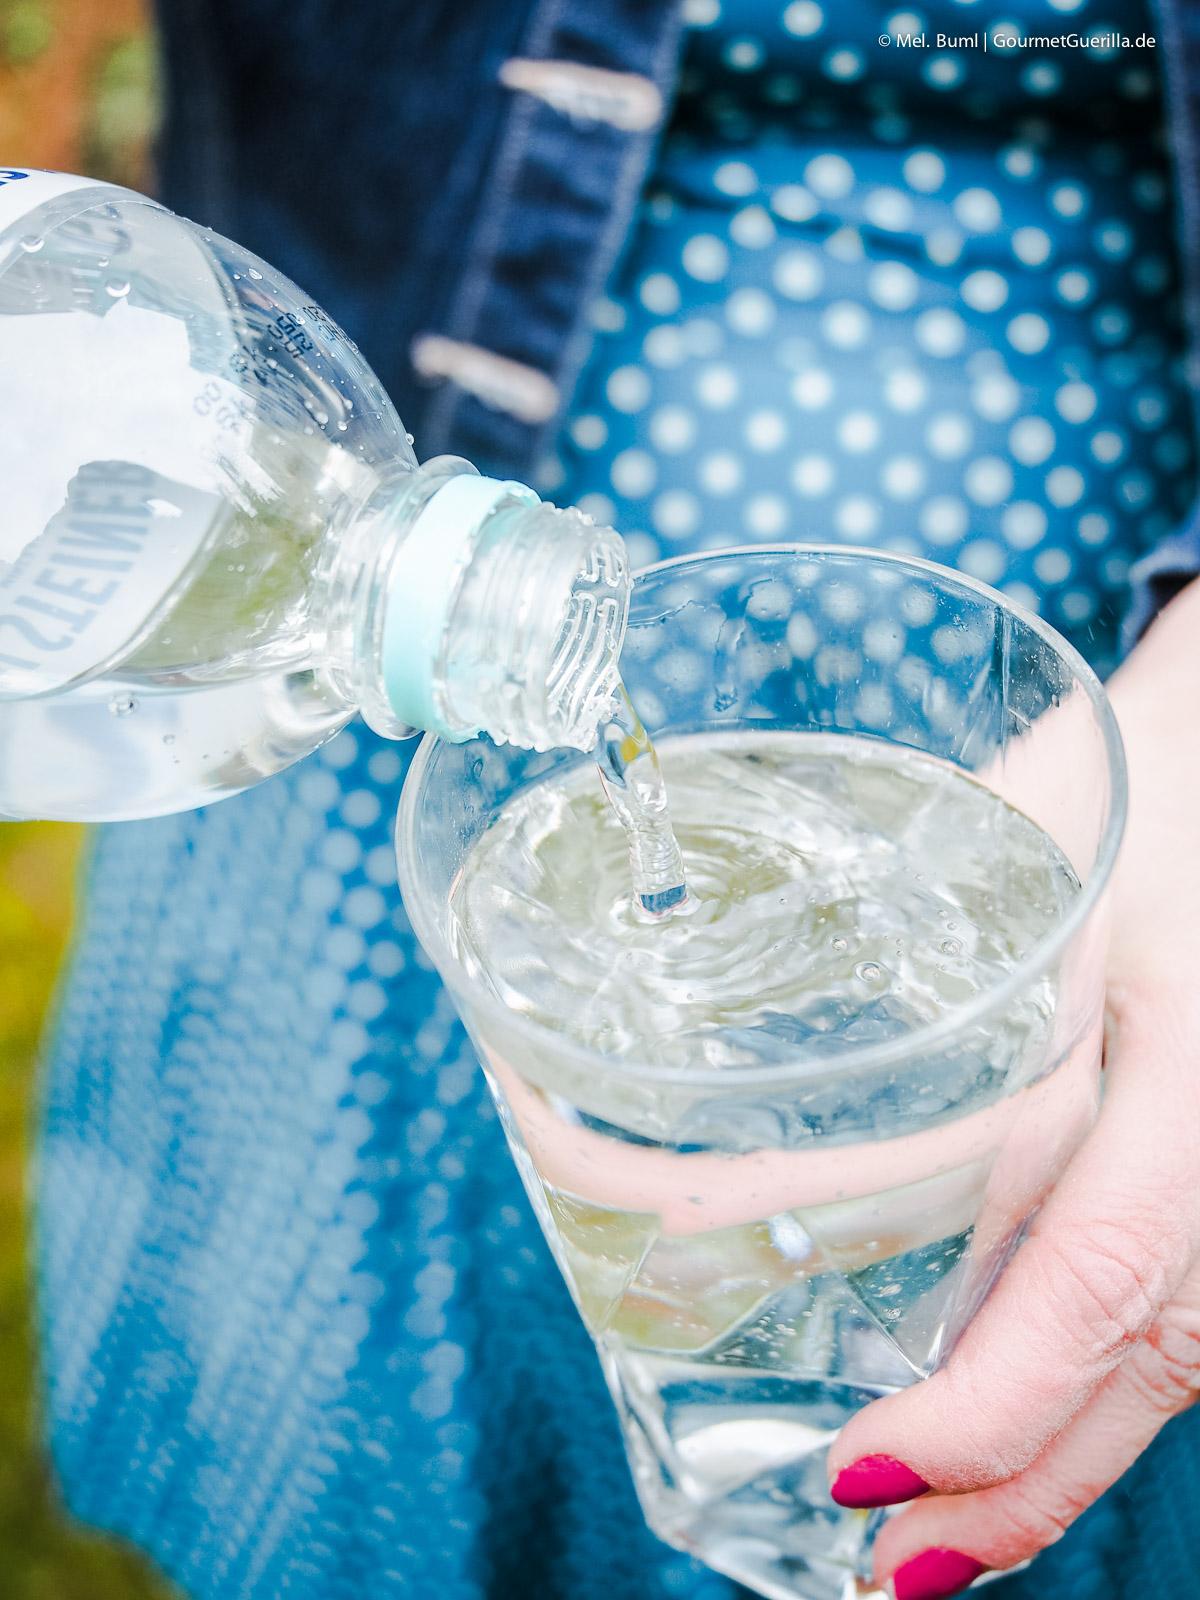 Trink-Challenge 2018 - 2,5 Liter Mineralwasser pro Tag |GourmetGuerilla.de